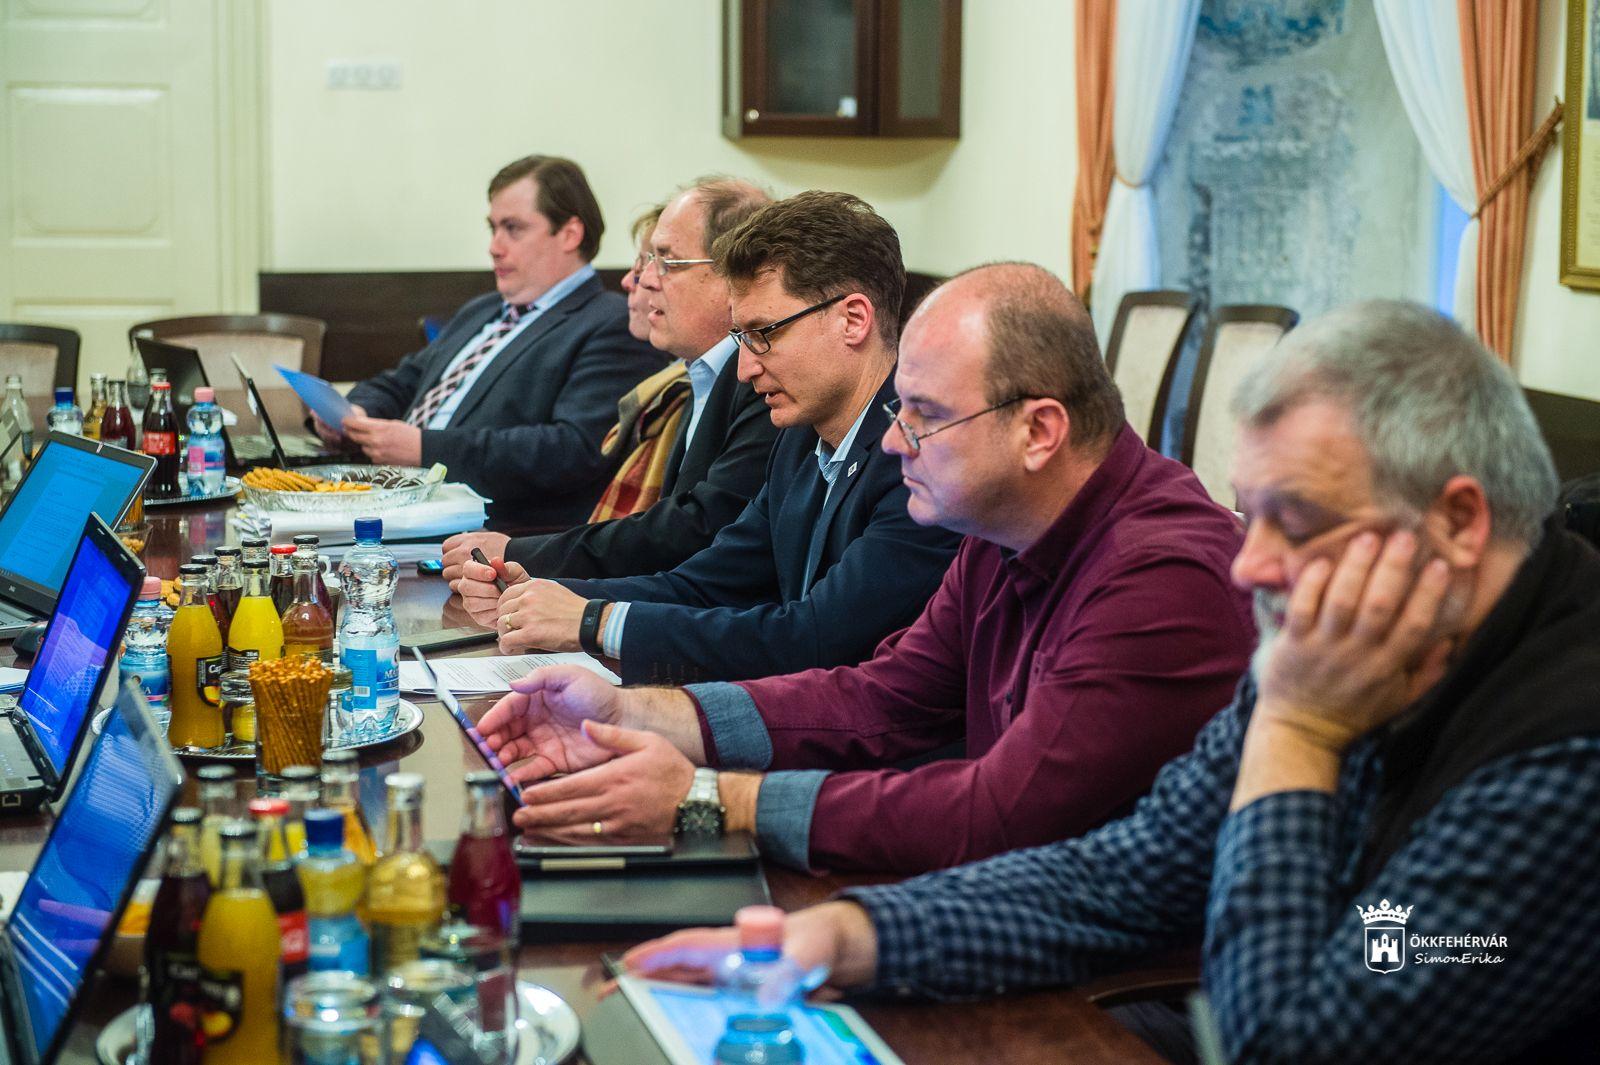 2027b83e22 Székesfehérvár Városportál - Polgármesteri online fogadóóra lesz ...